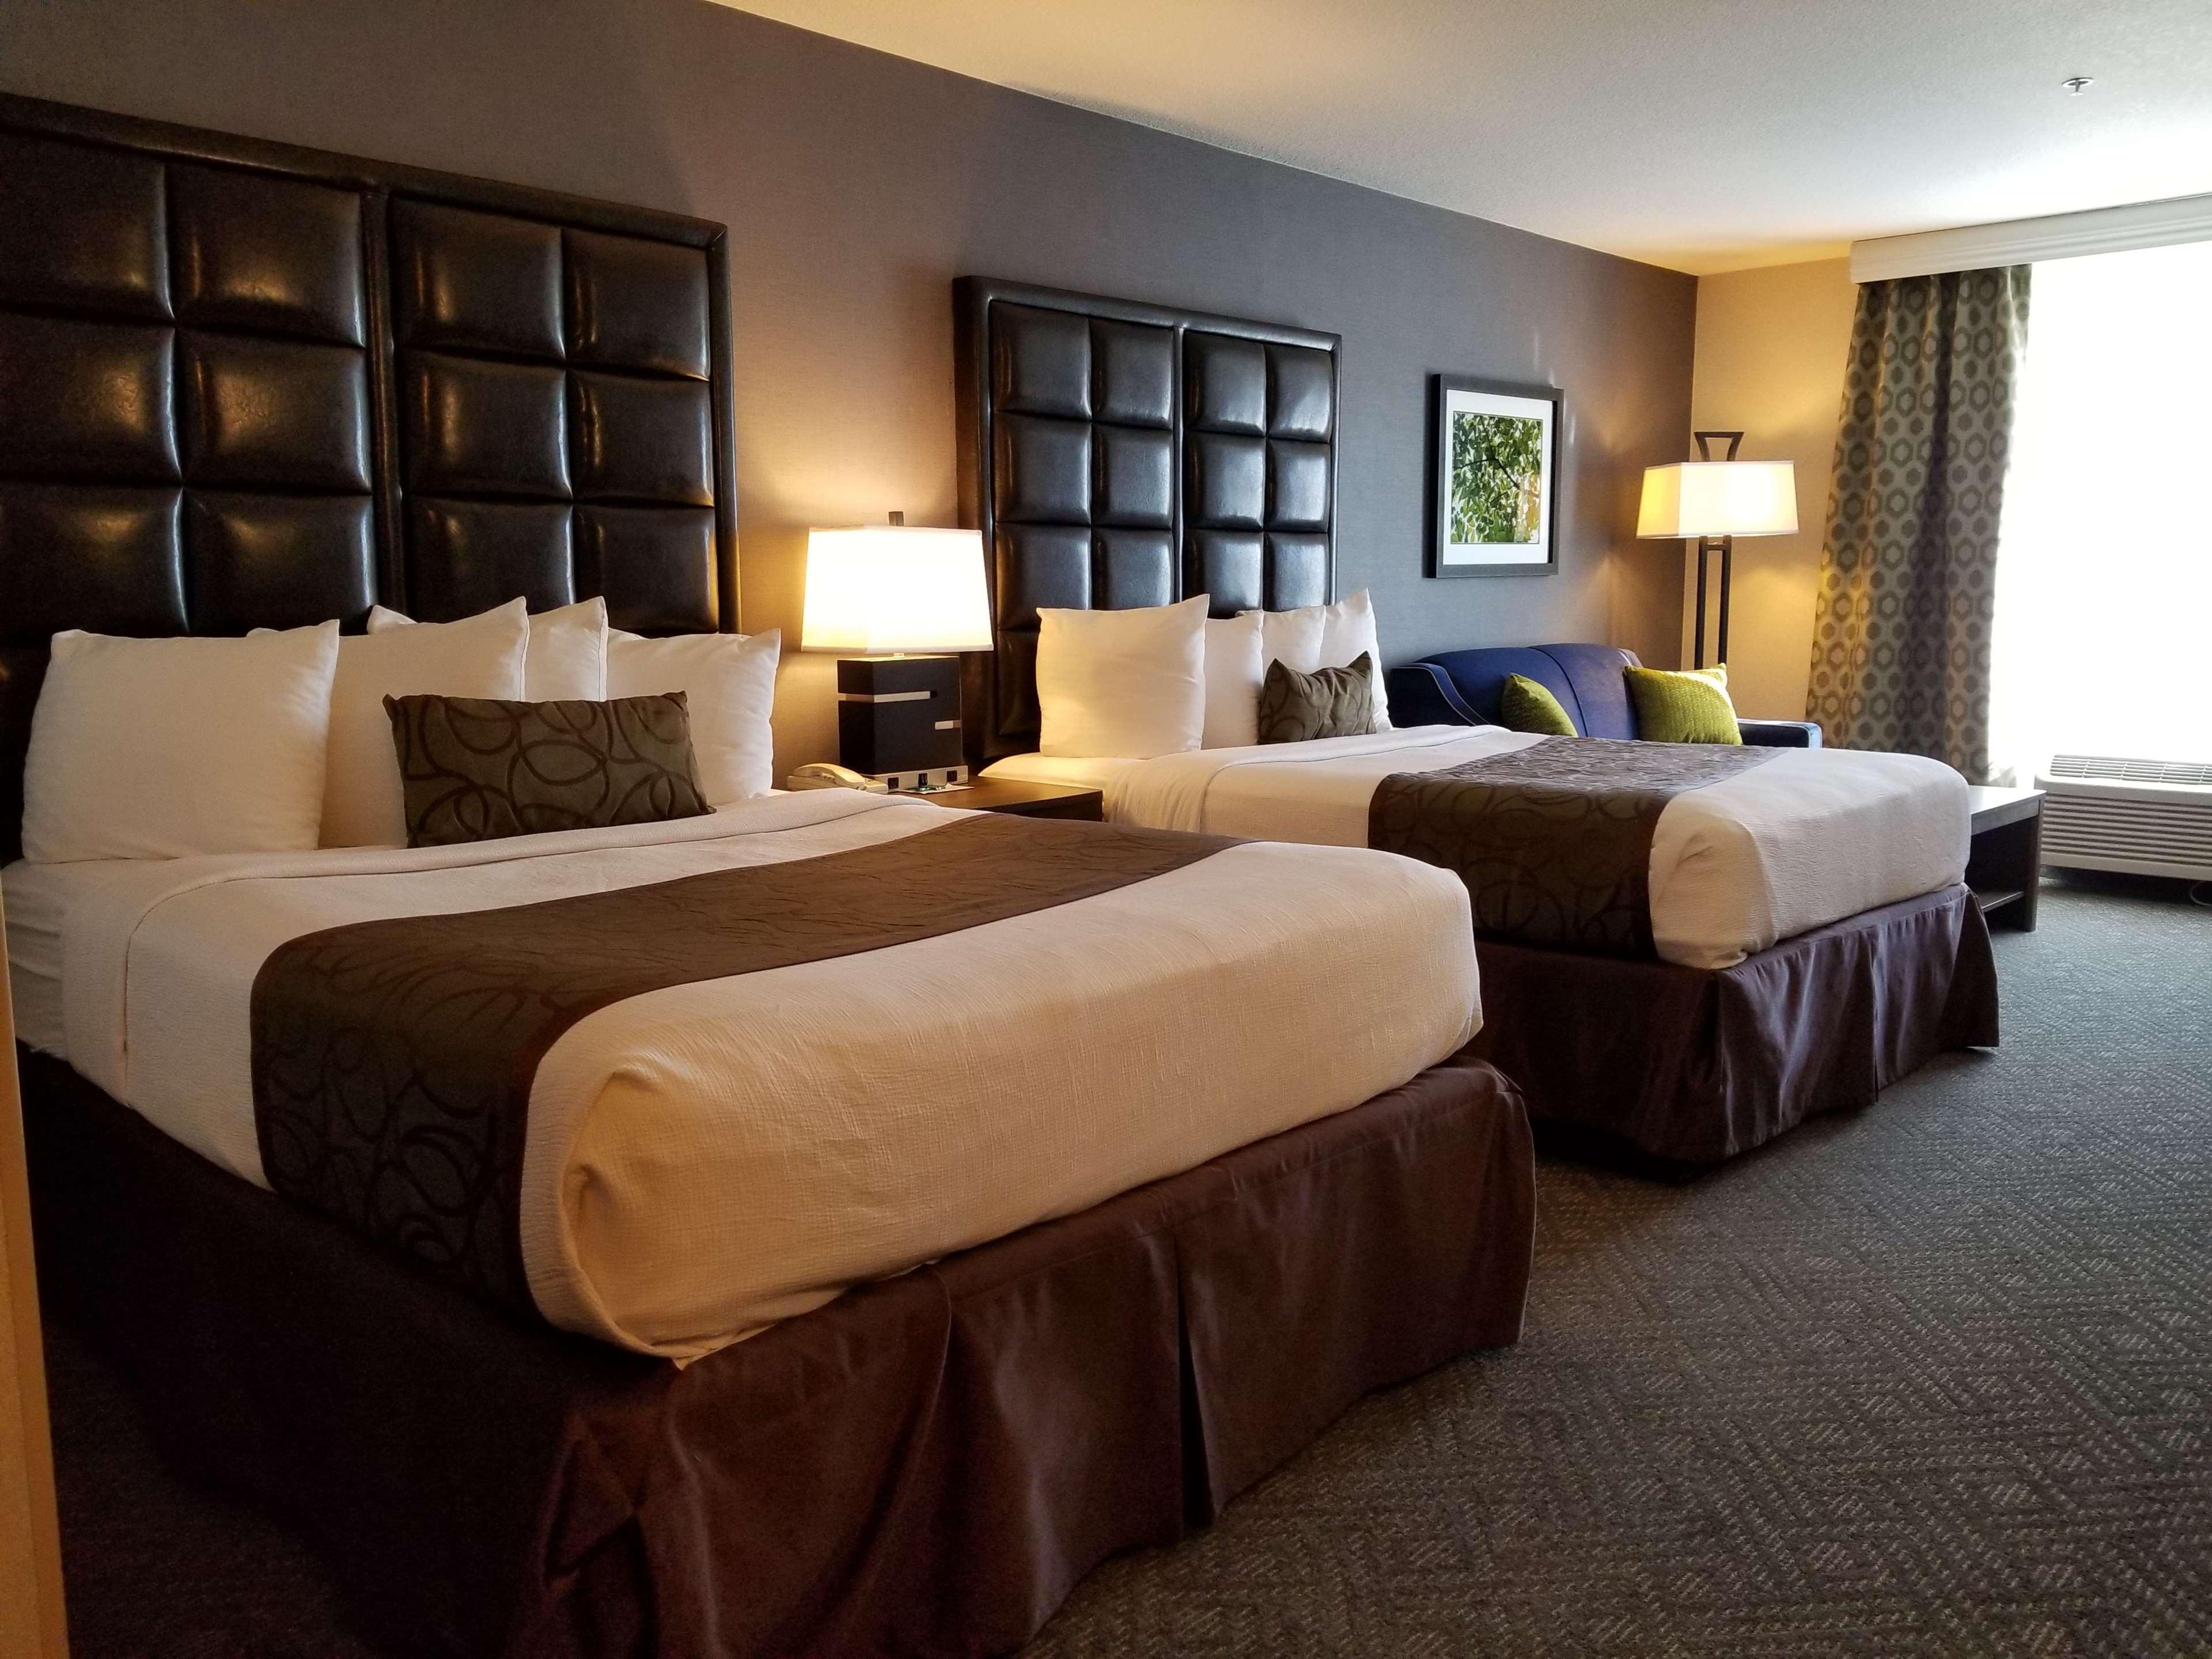 Best Western Plus Northwind Inn & Suites image 9